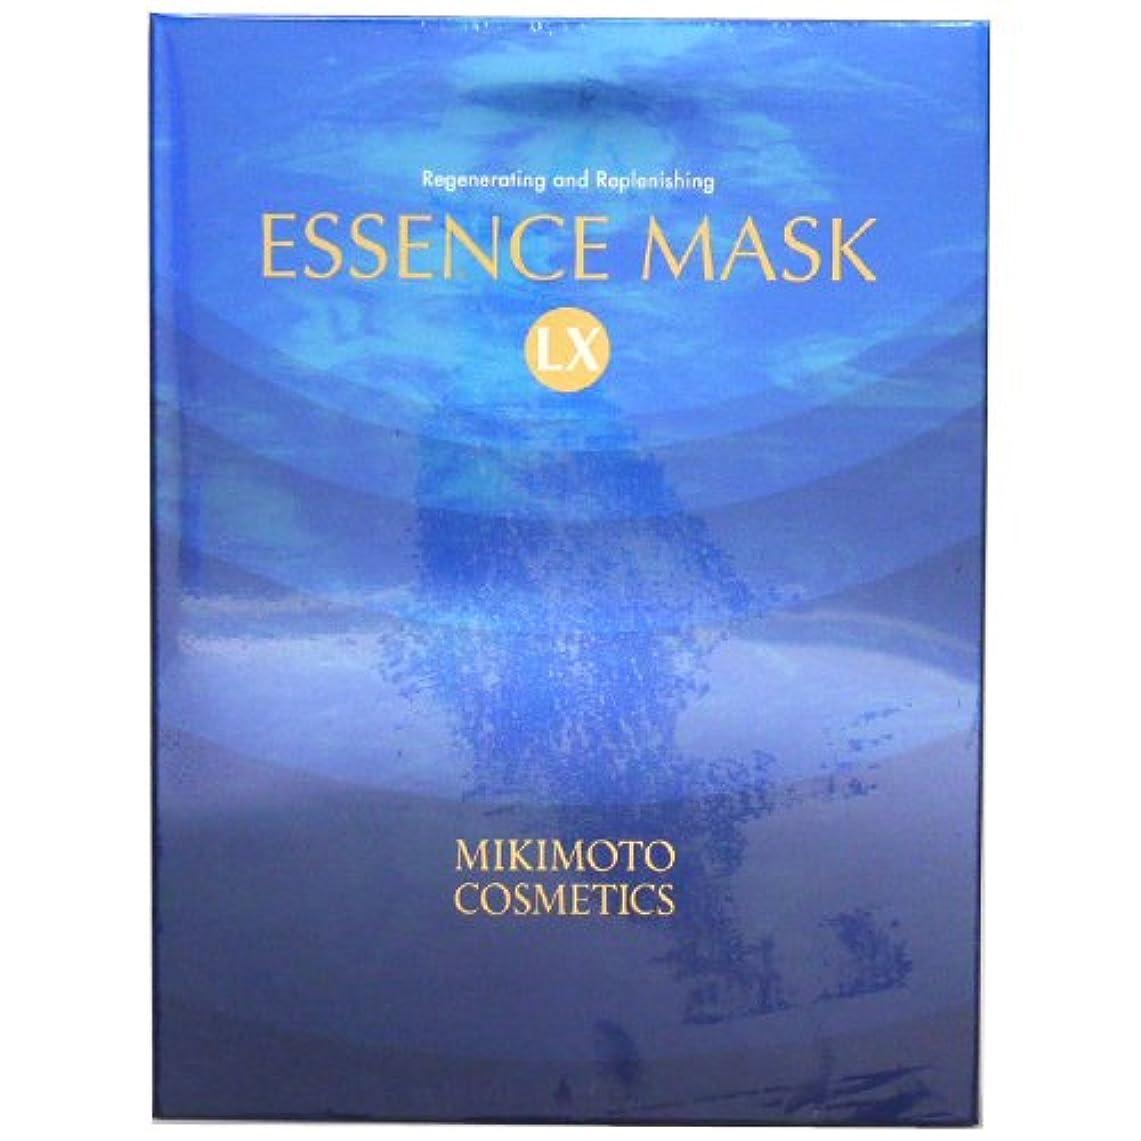 批判的にお風呂を持っていることわざミキモト化粧品 MIKIMOTO コスメティックス エッセンスマスクLX (シート状美容マスク) 【6枚入】